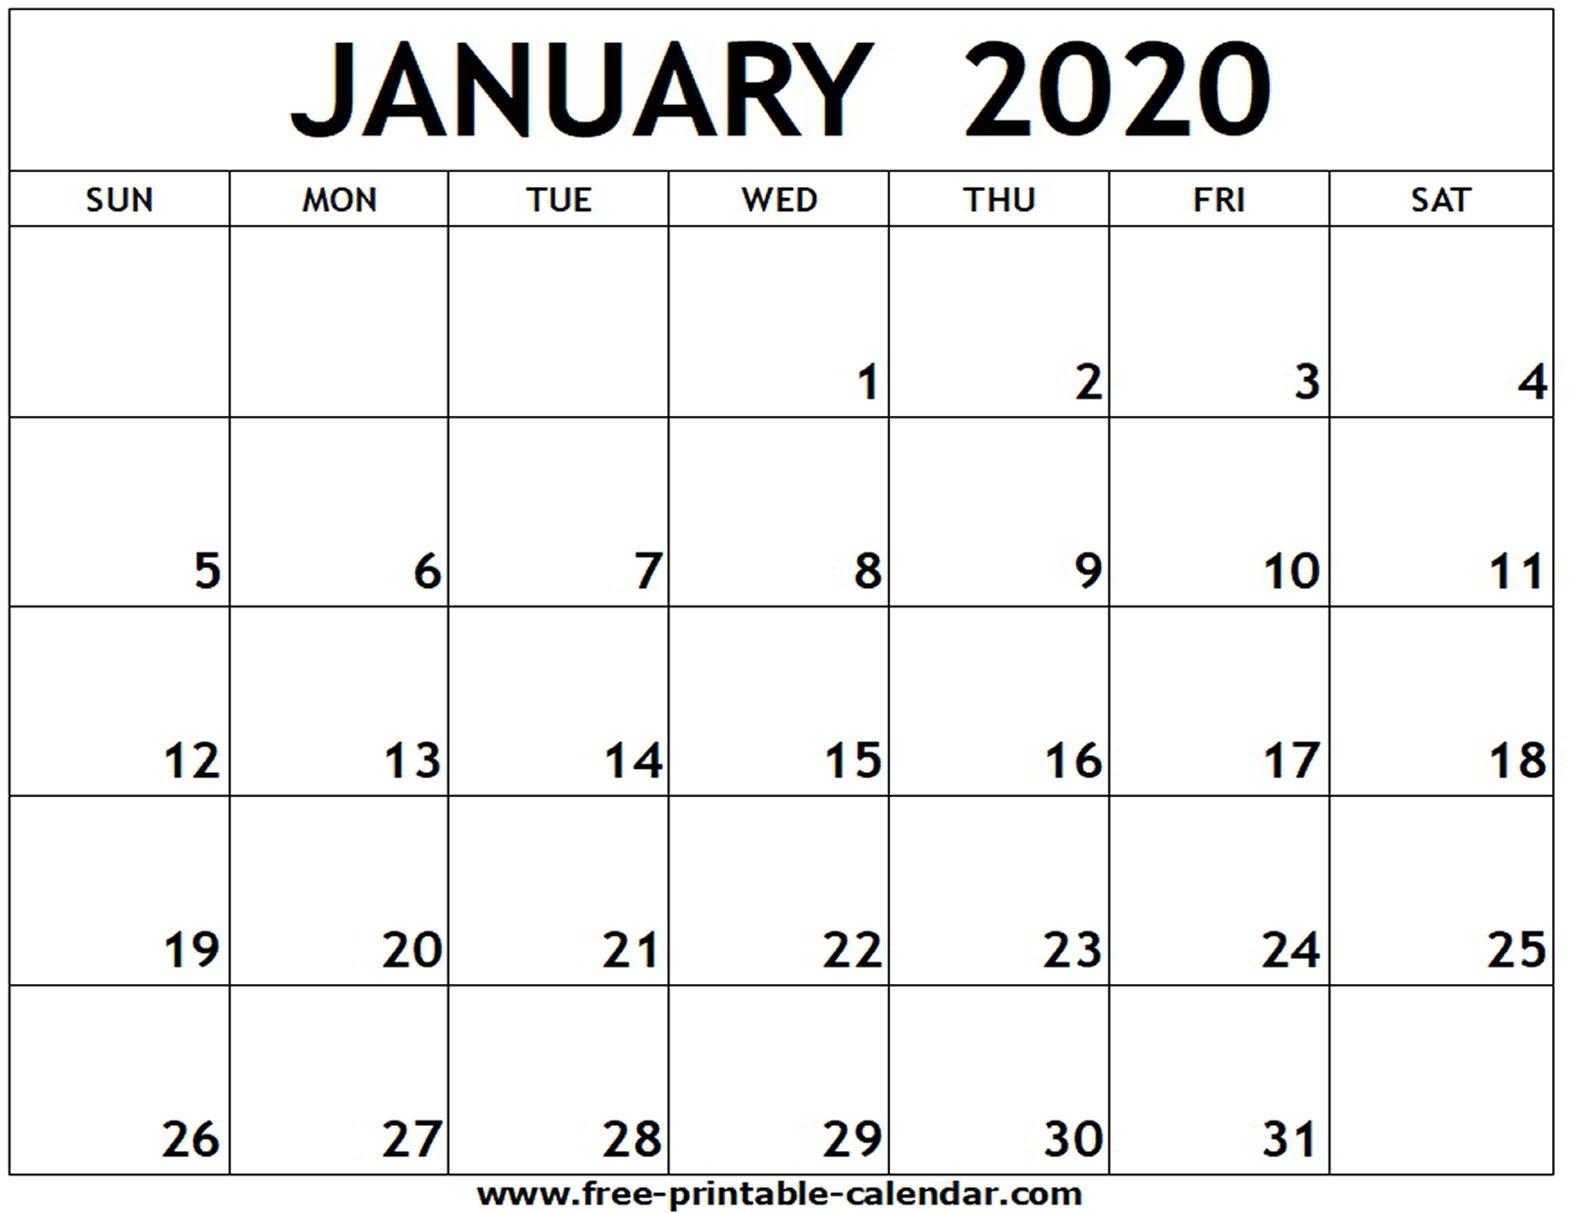 January 2020 Printable Calendar - Free-Printable-Calendar  Printable Calendar Monthly 2020 Free